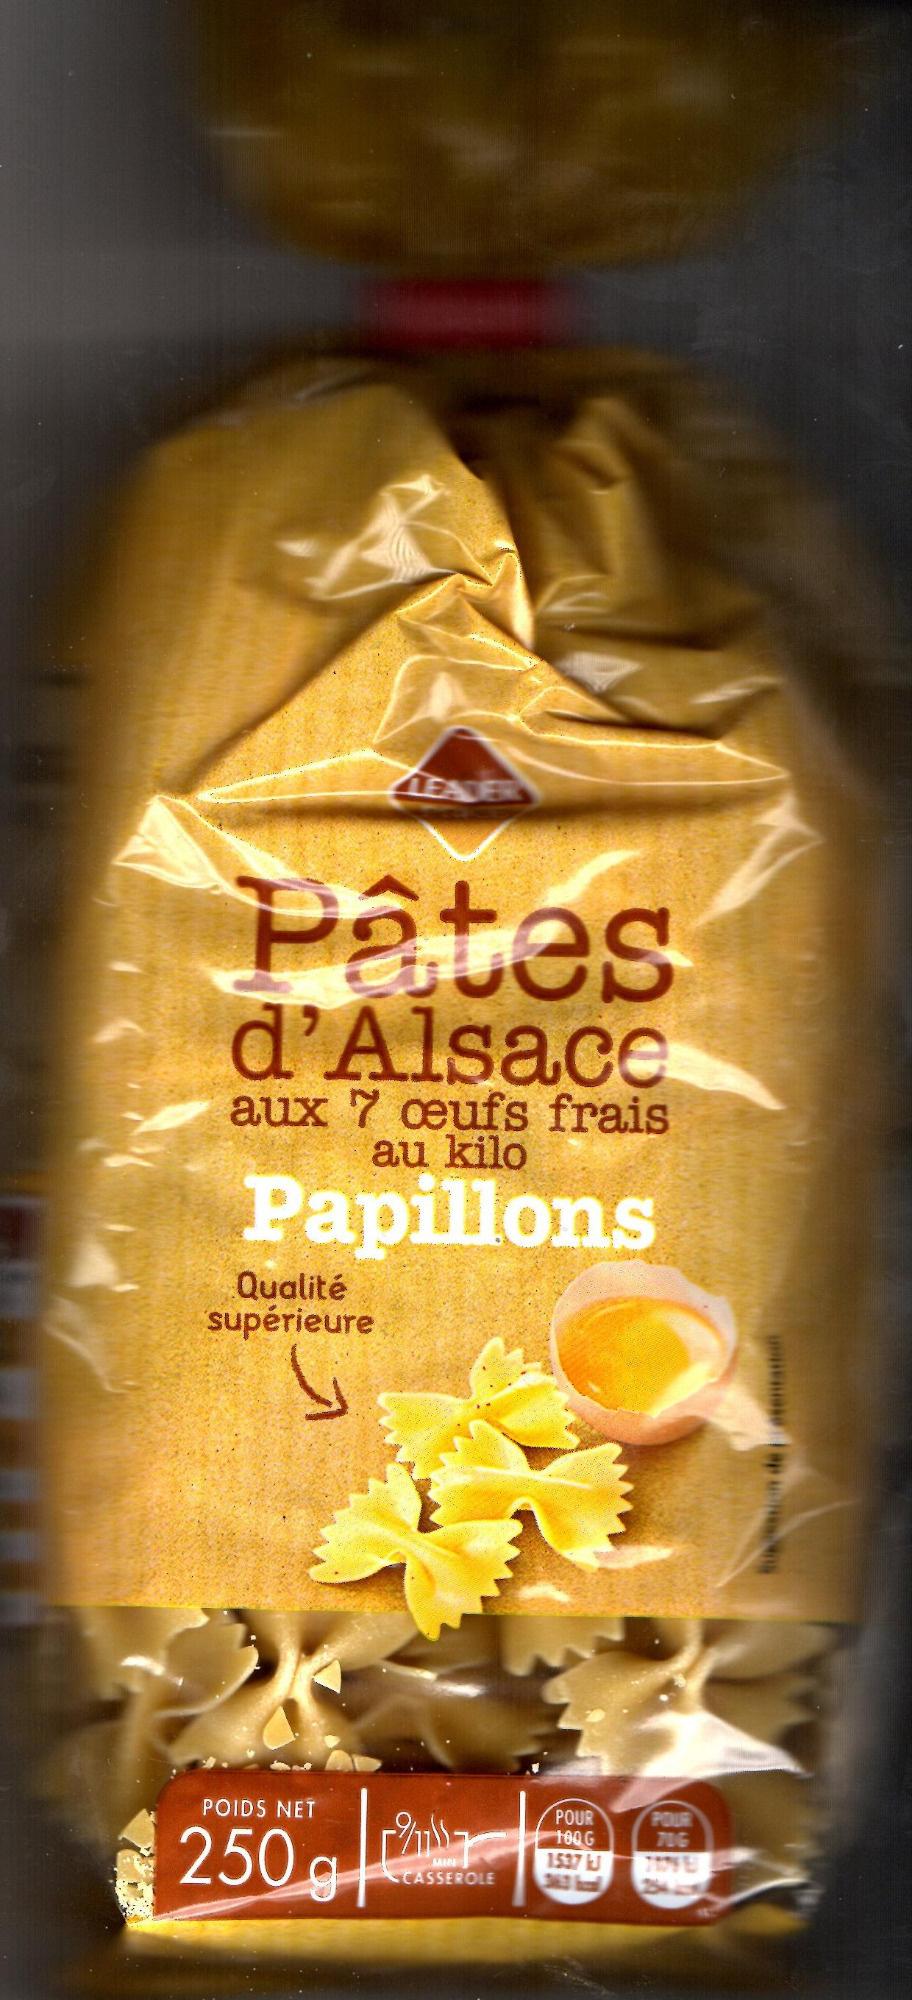 Papillons - Pâtes d'Alsace 7 Œufs Frais au Kilo - Product